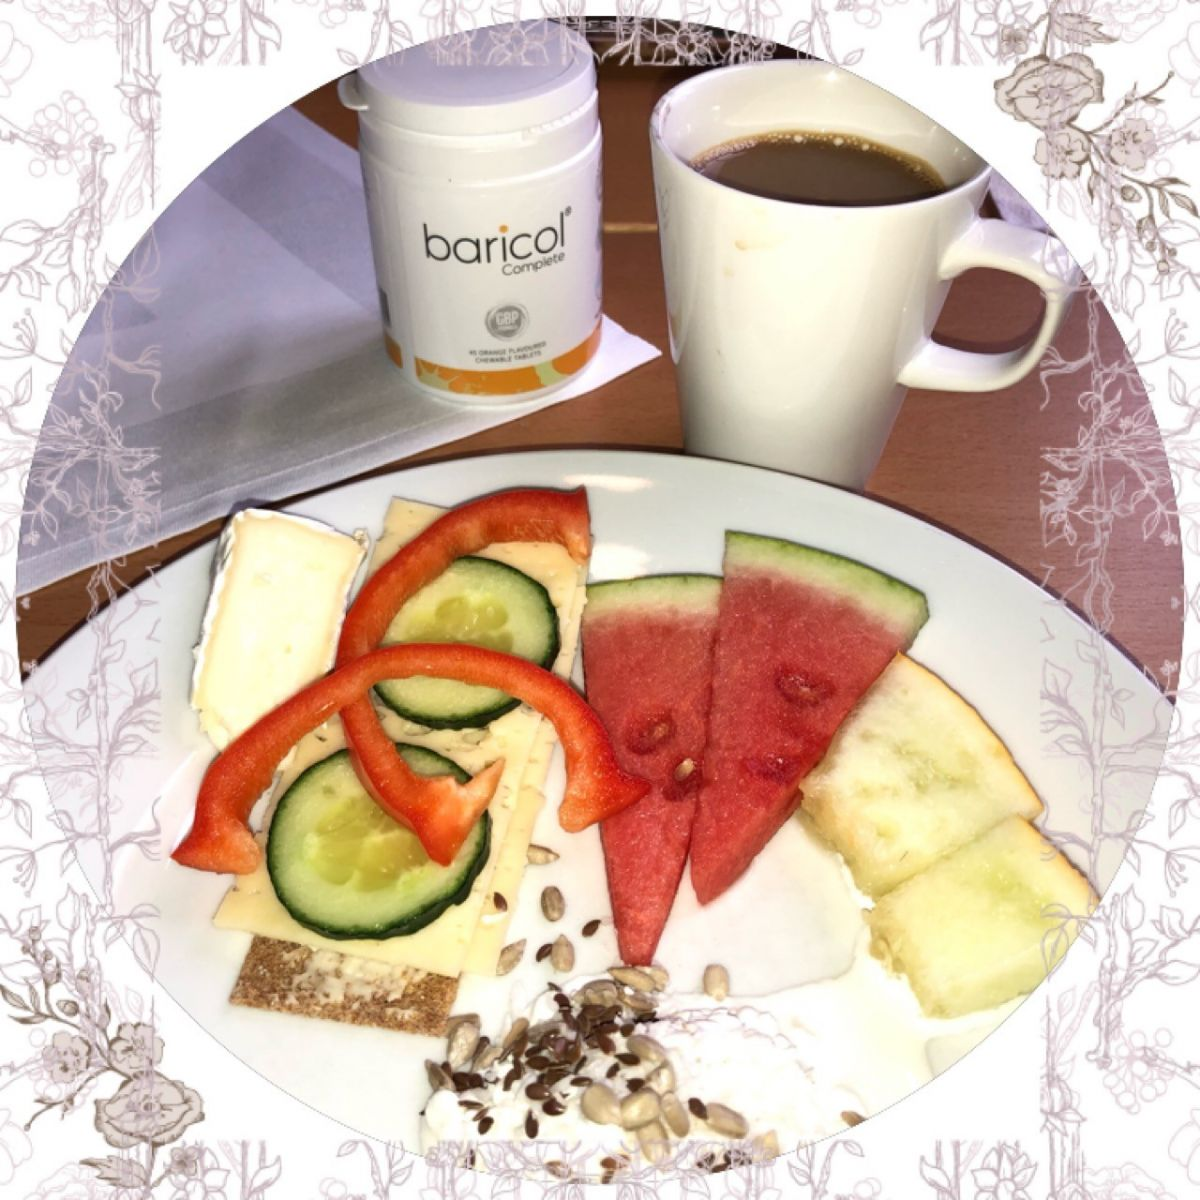 Baricolburk, vit kaffekopp, tallrik med macka, melon och keso